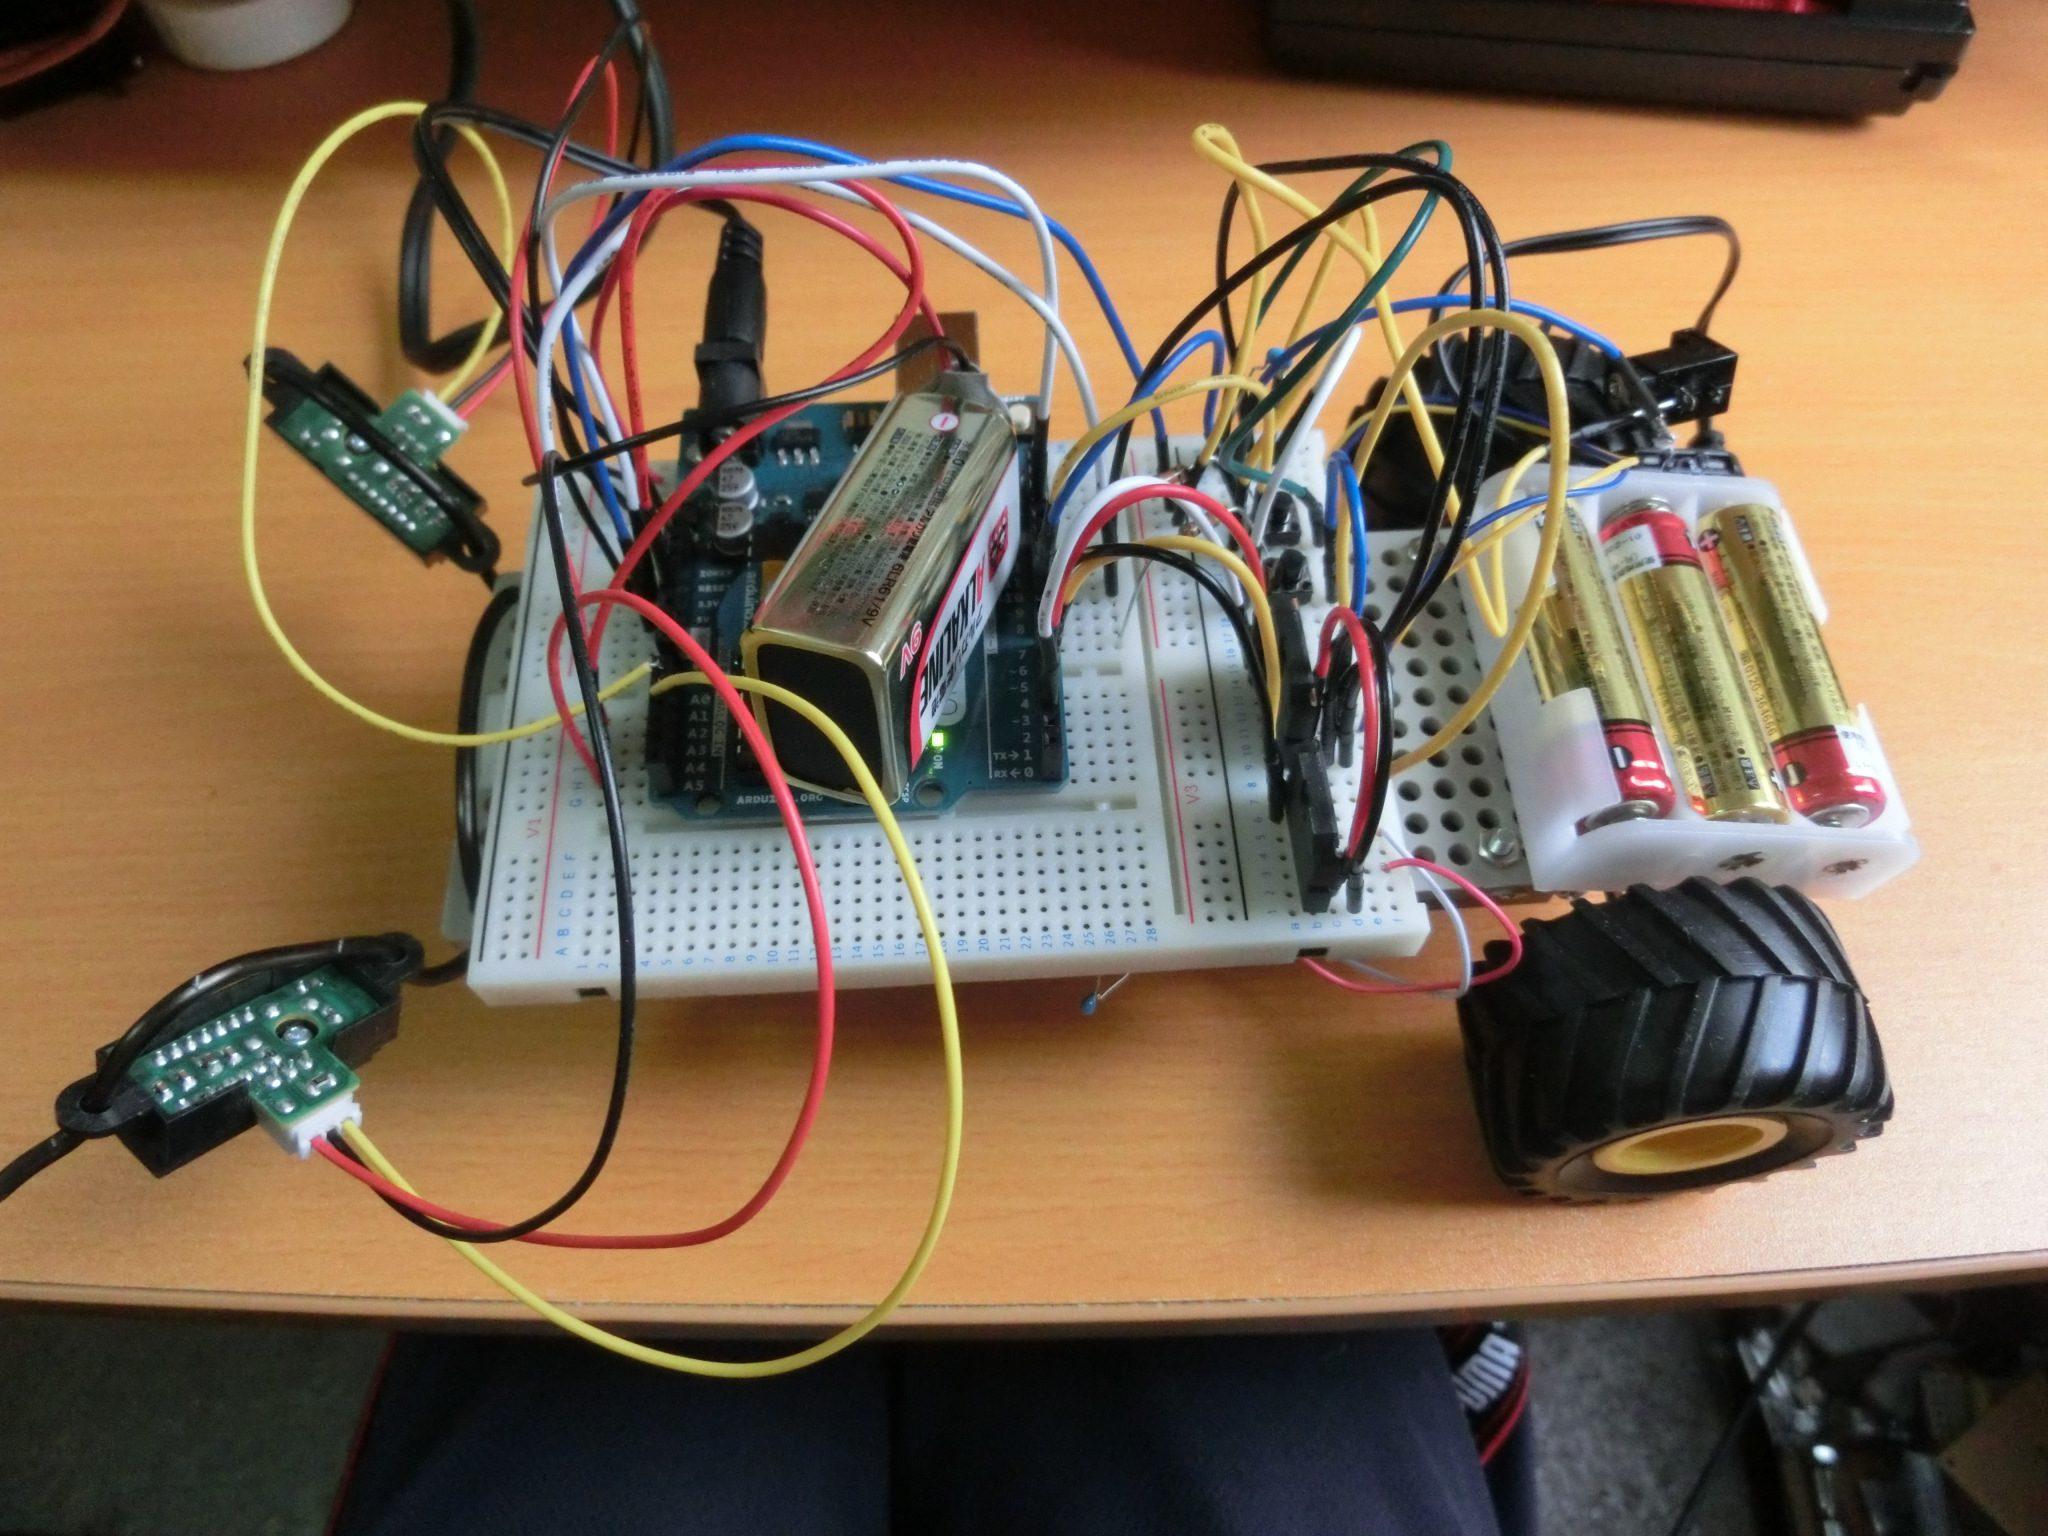 Arduinoと赤外線センサを使用して、テーブルから落ちないロボットを作成しました!さっそく動かしてみた!先端に触覚のようなものがついているところが赤外線センサです!